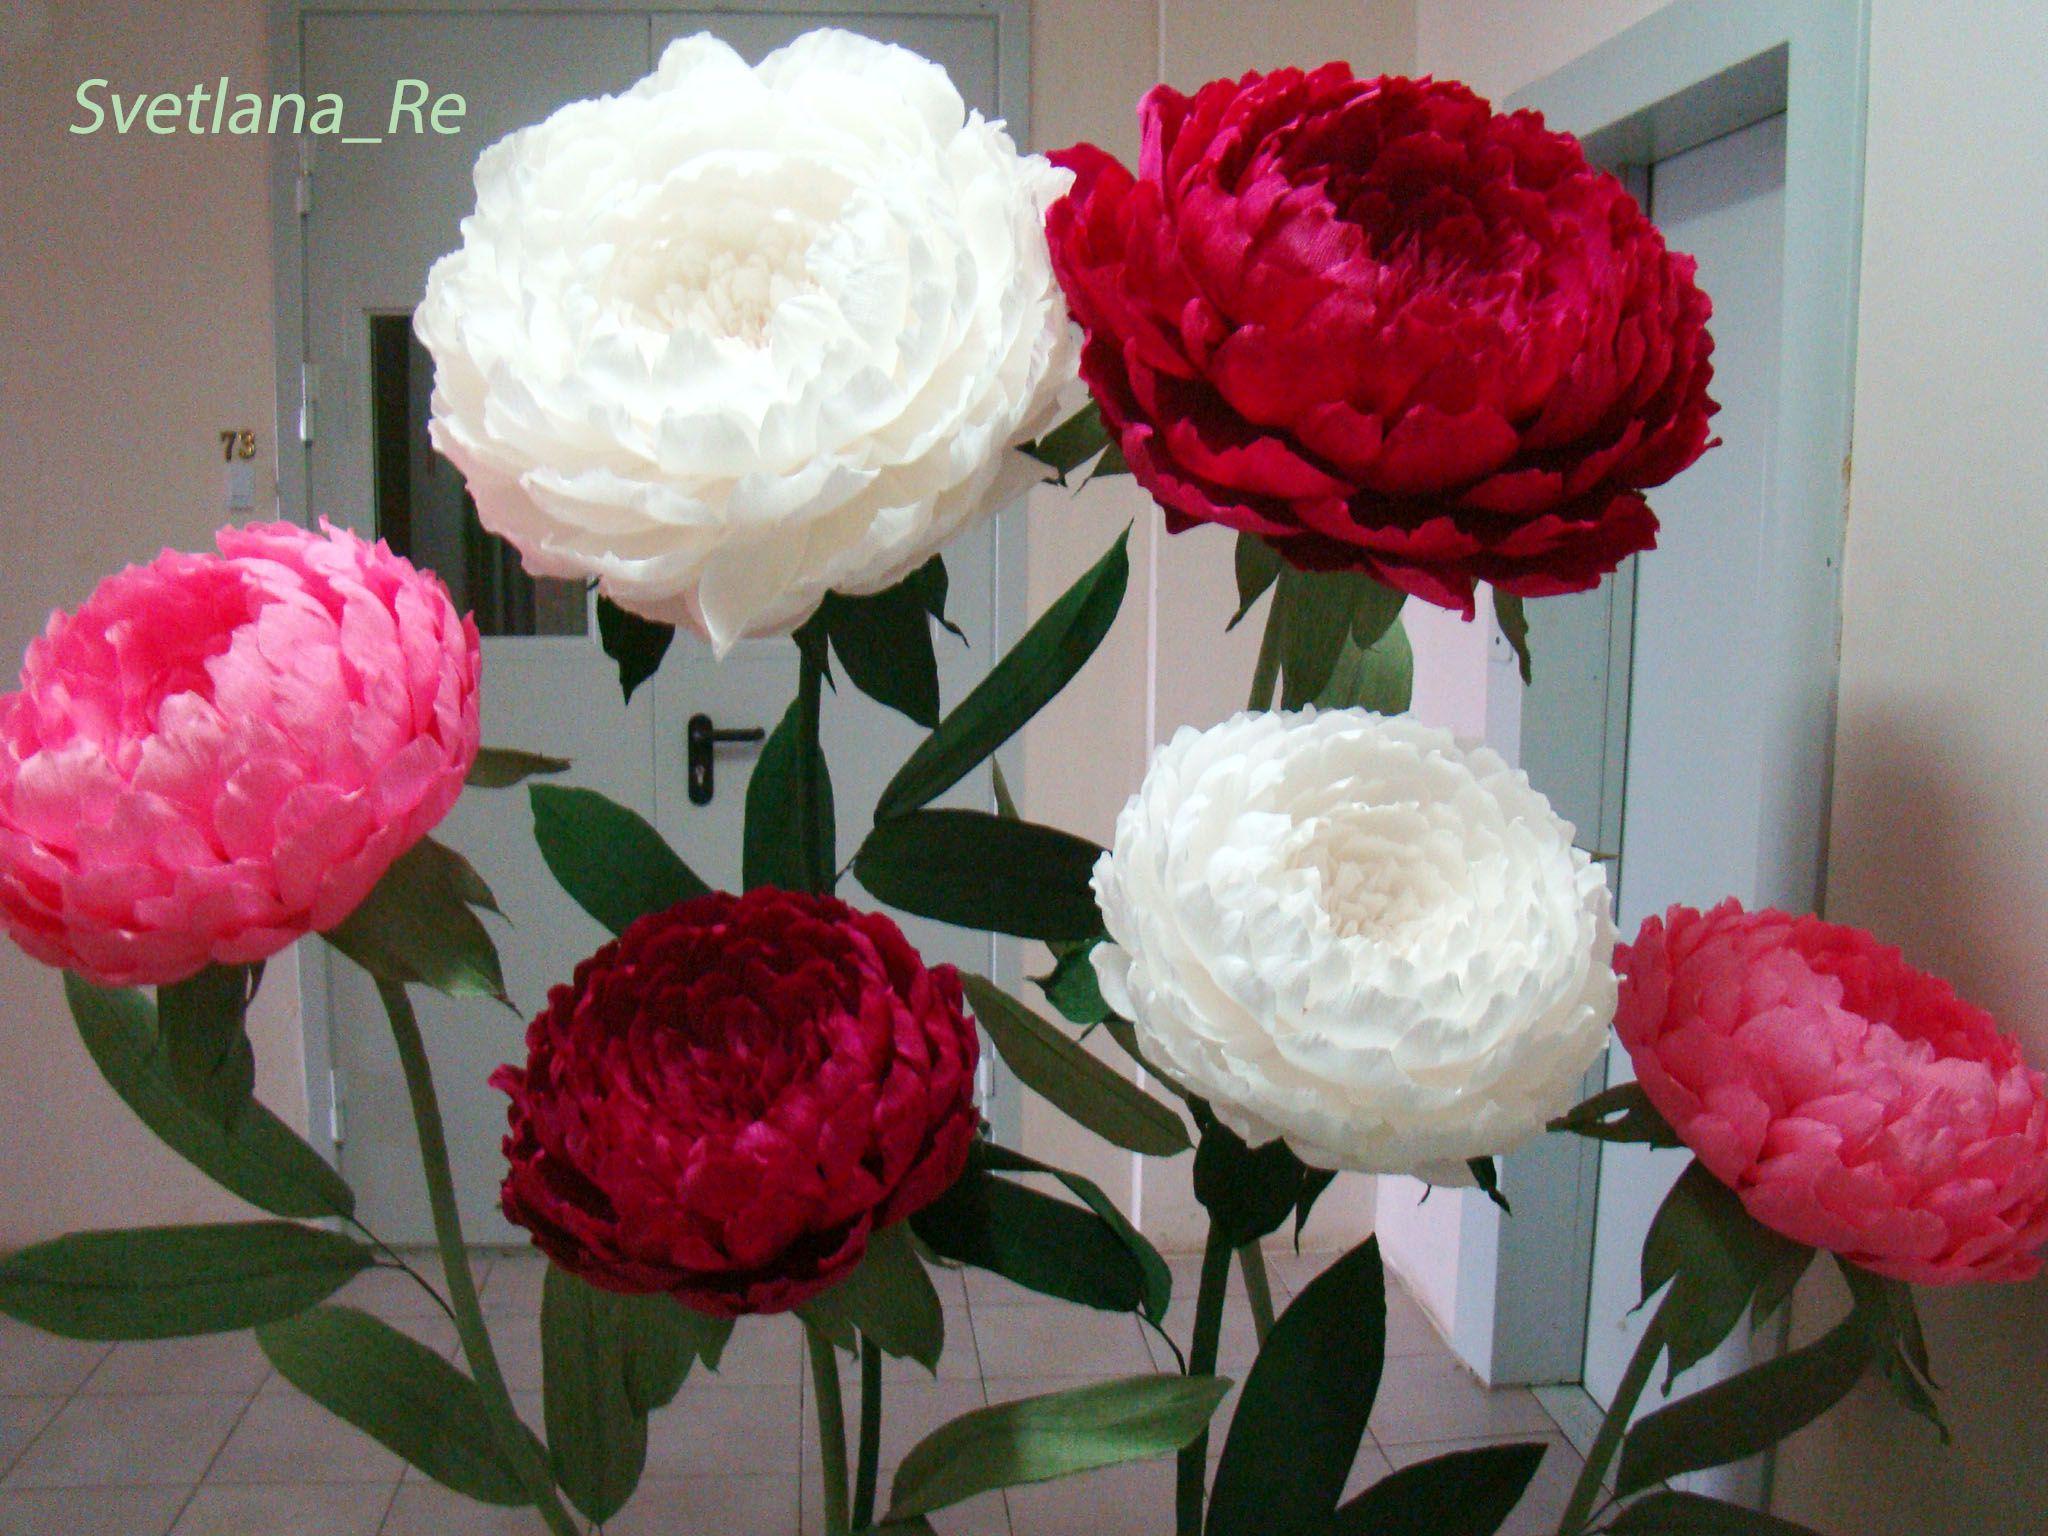 куст гофробумага пионы искусство цветы творчество свадьба